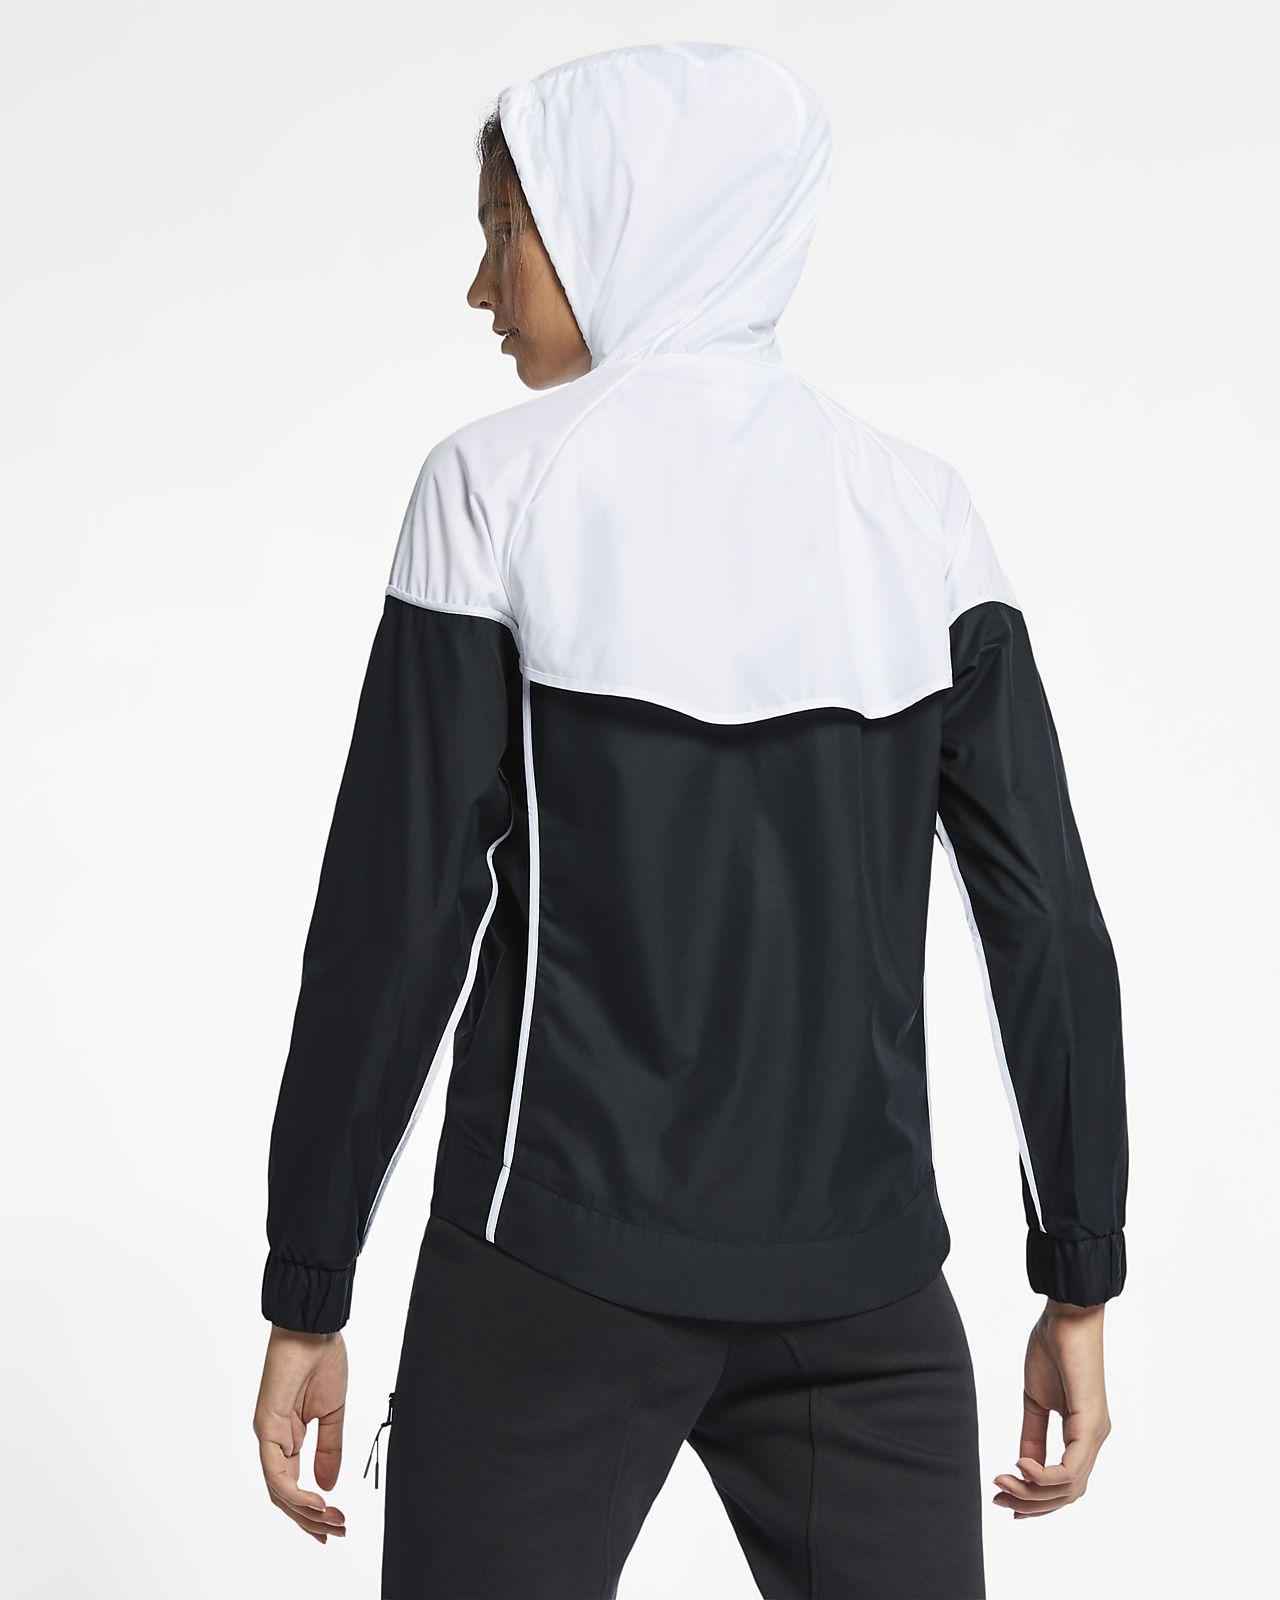 Windrunner Nike Veste FemmeFr Pour Sportswear O0wkPn